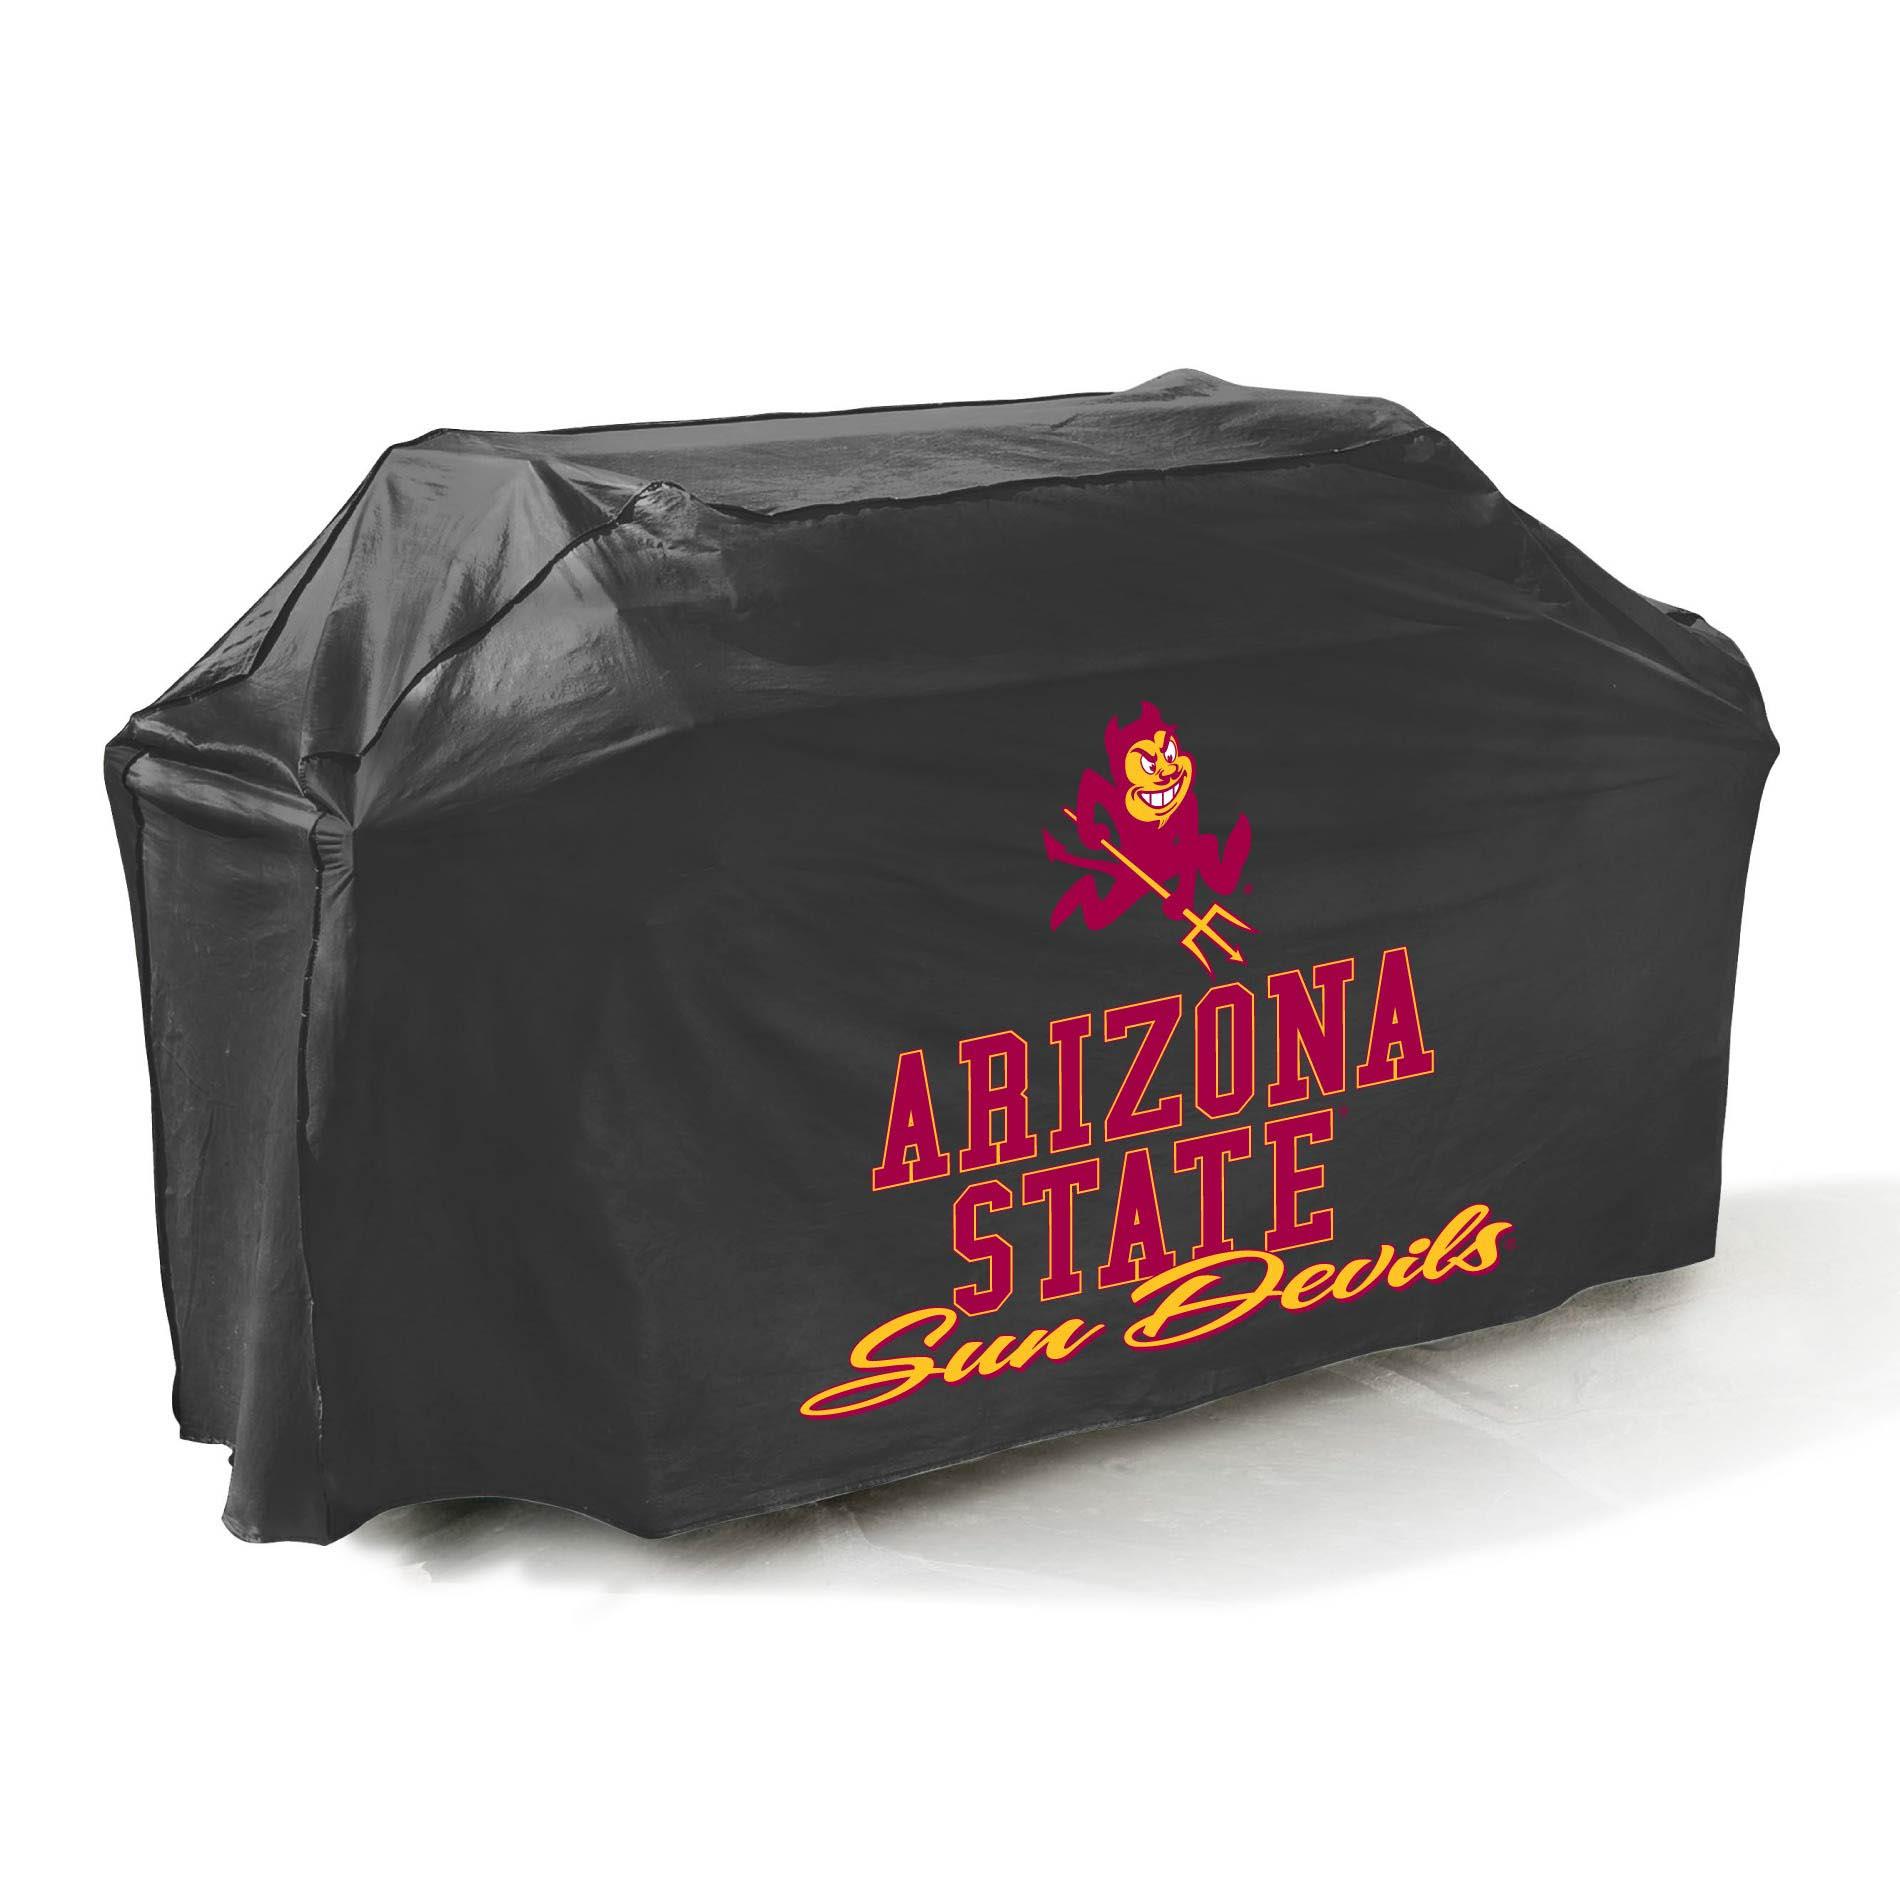 Arizona State Sun Devils 65-inch Gas Grill Cover